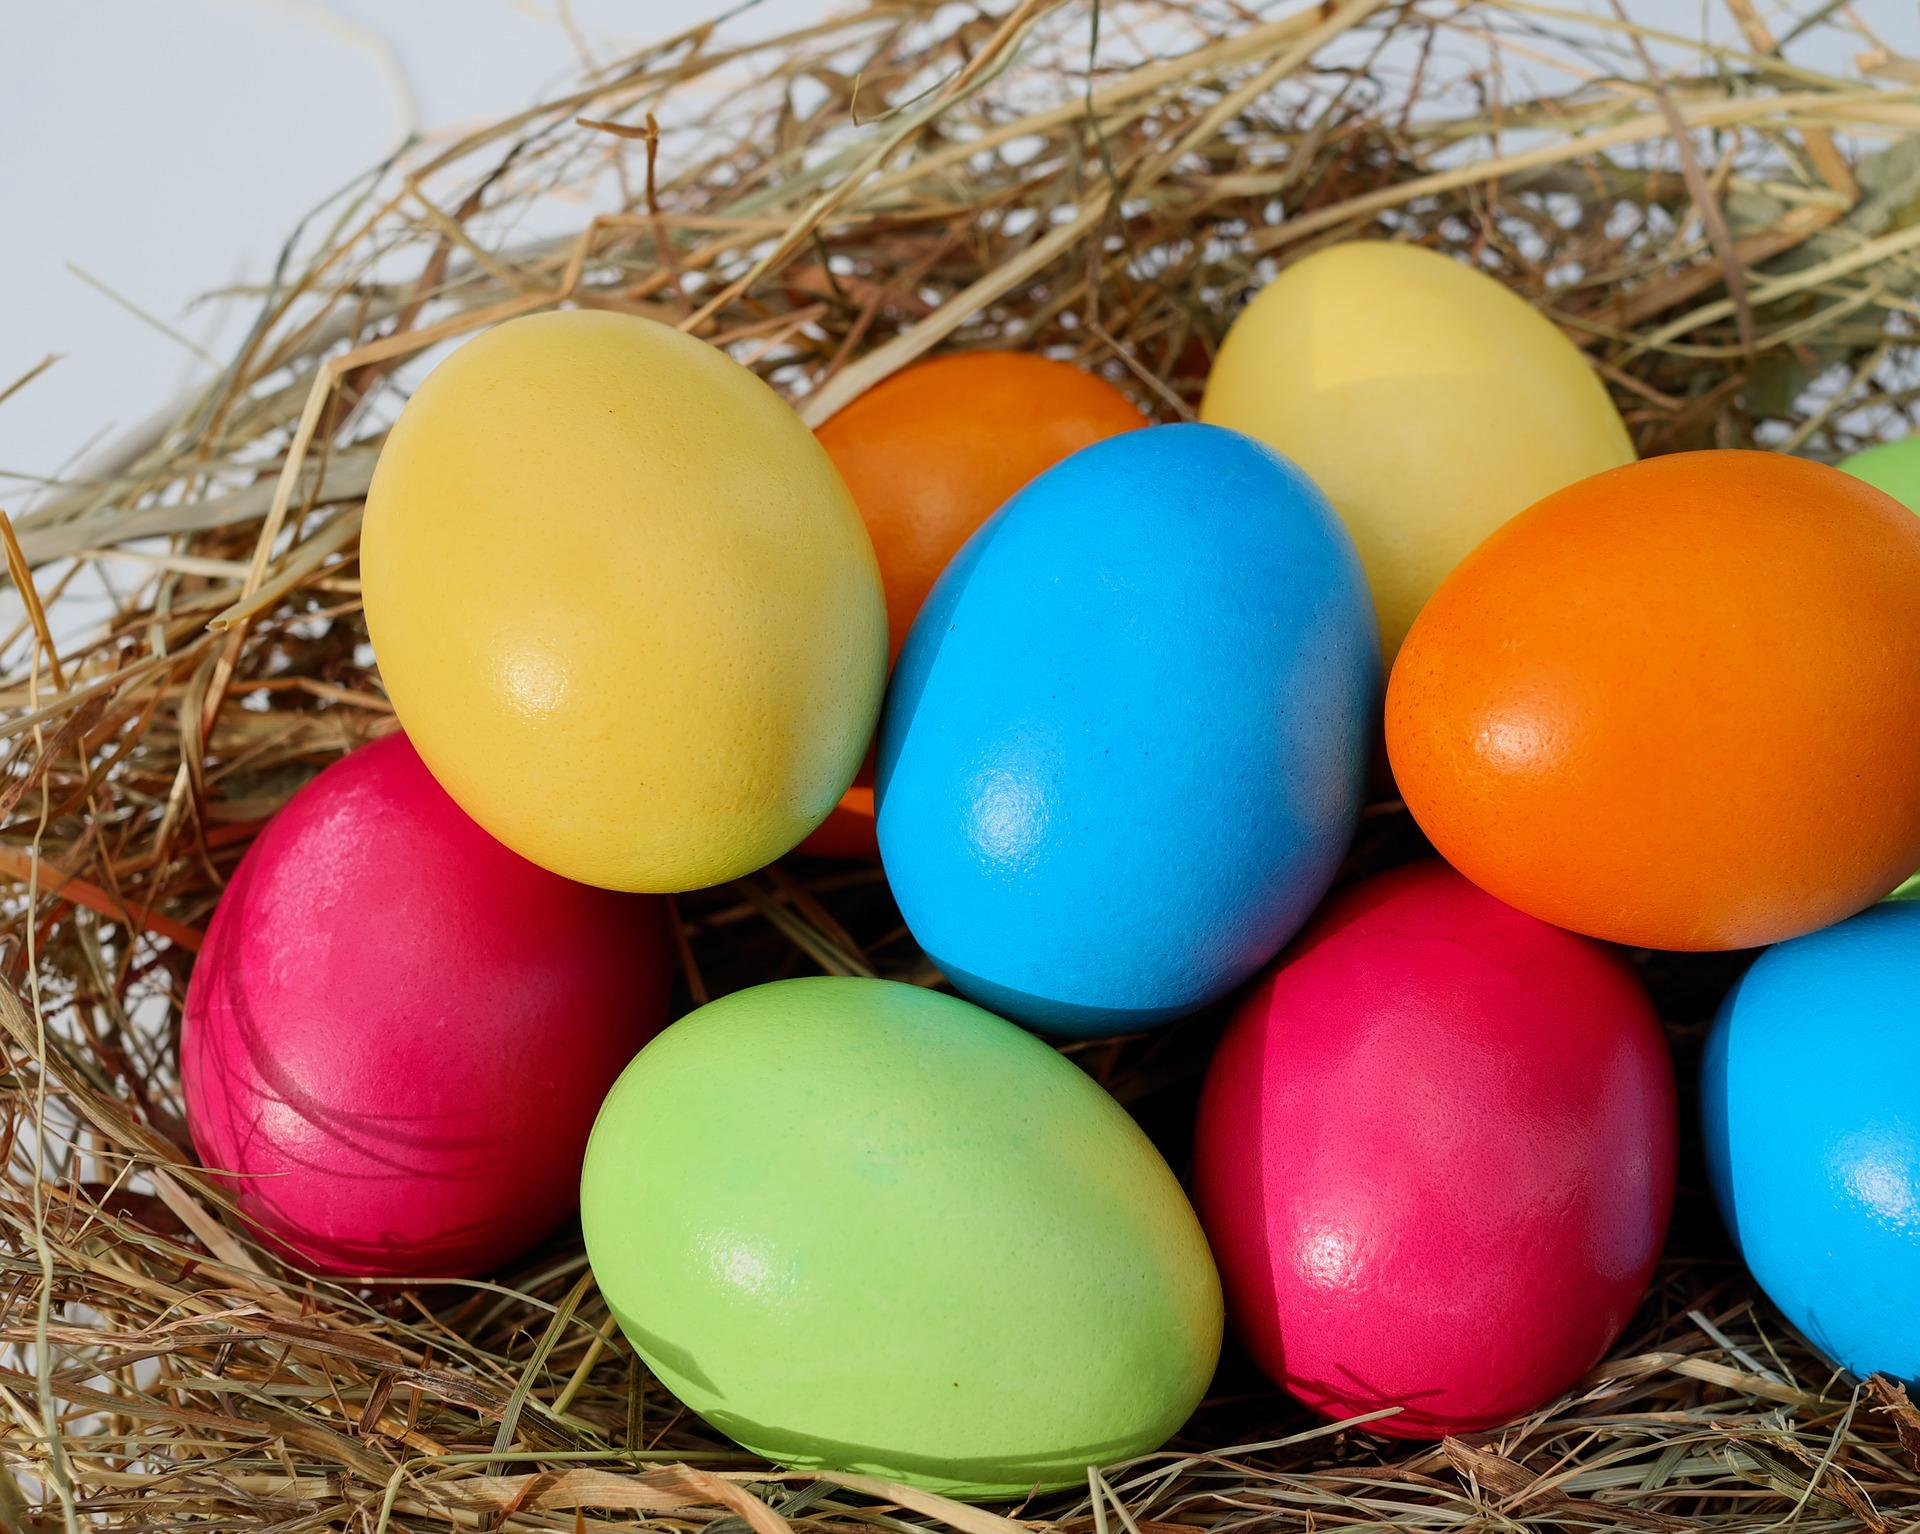 Jajko symbolem Świąt Wielkanocnych | Polska Mówi - portal ...